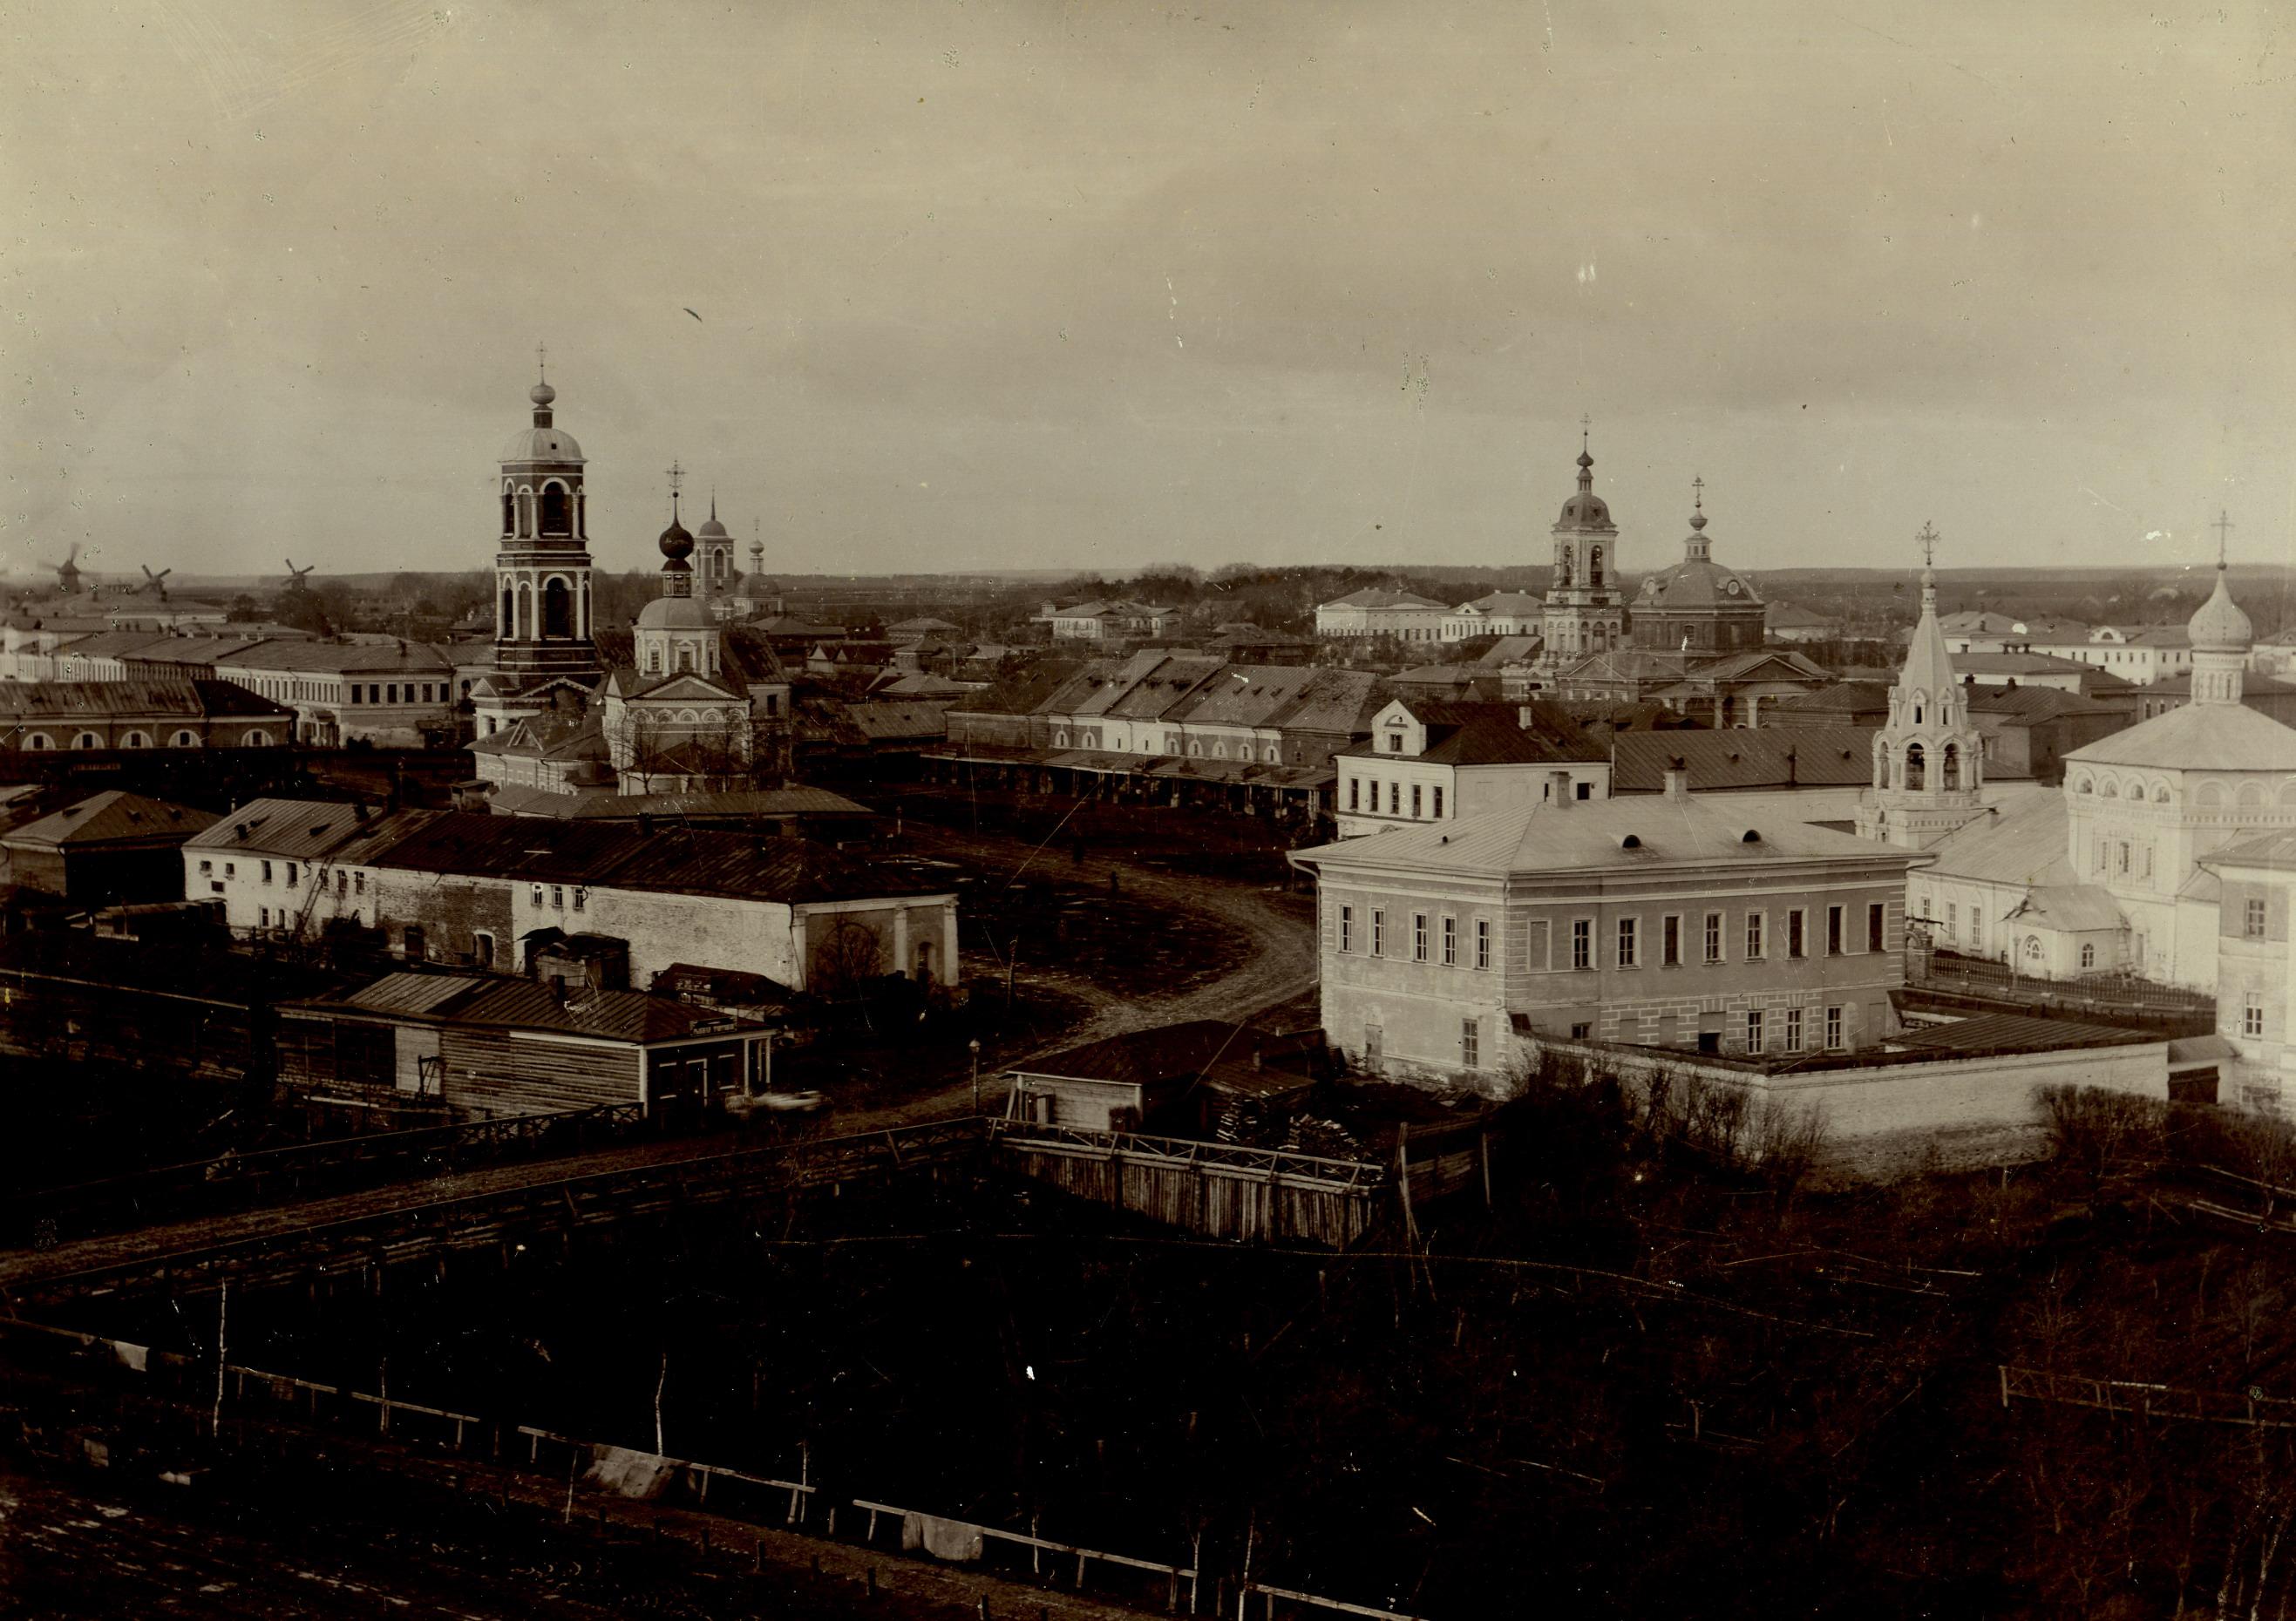 Вид на торговые ряды и церковь Рождества Христова. 1901